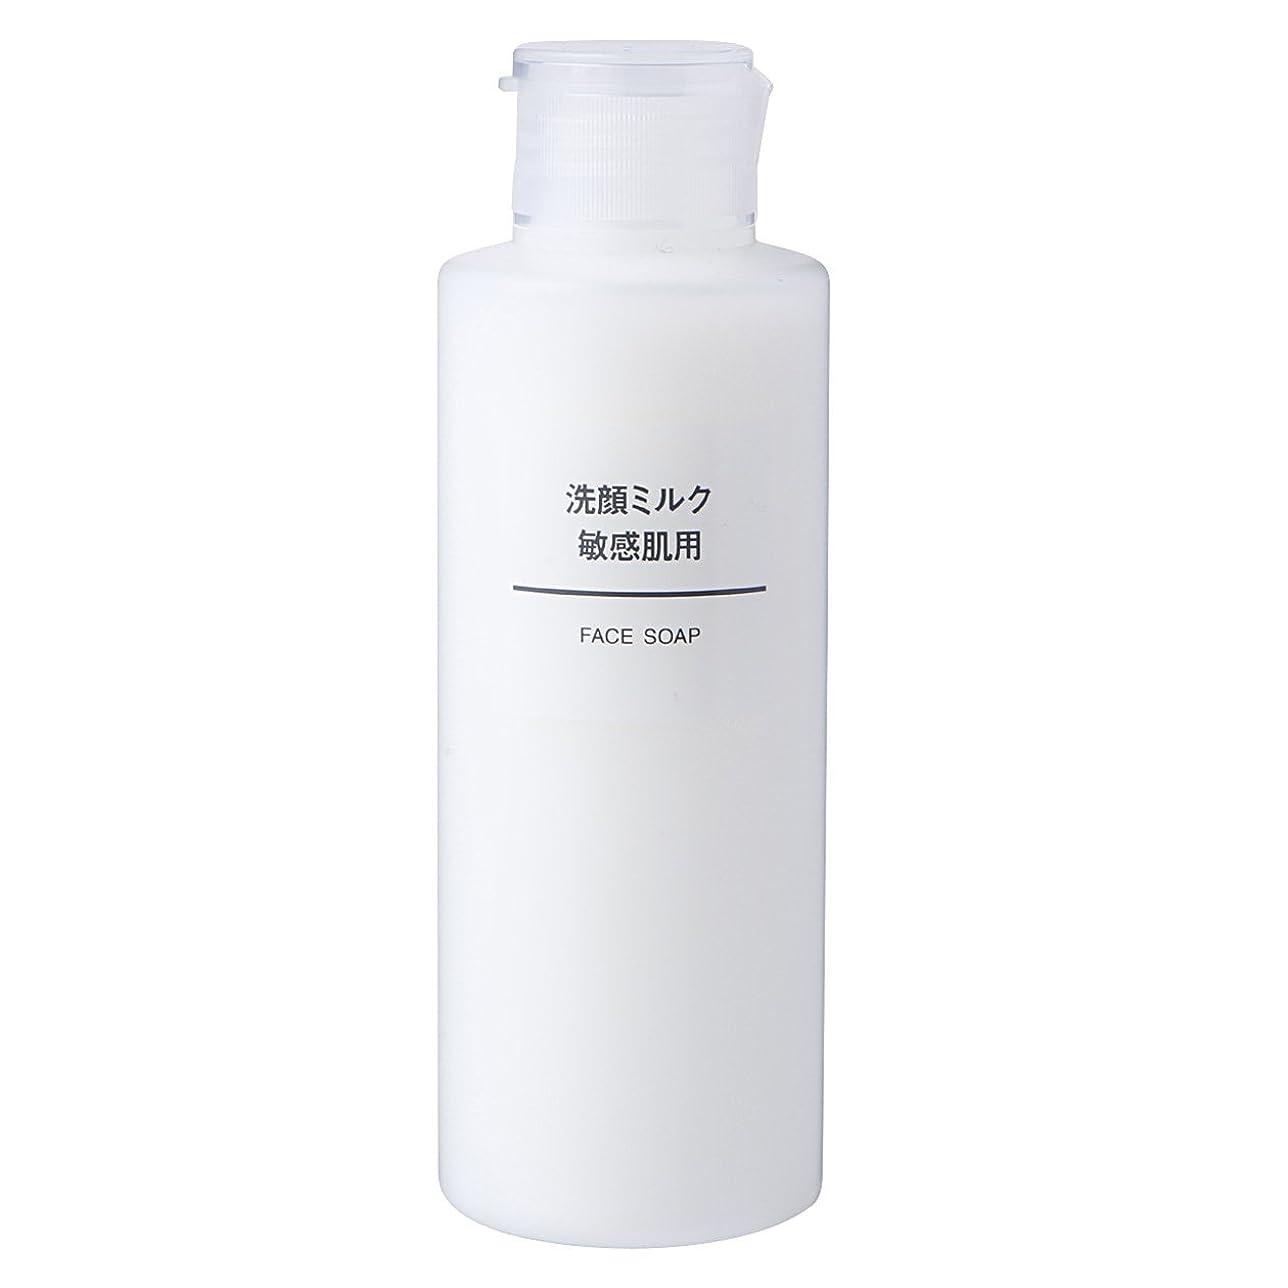 ビバ底ラボ無印良品 洗顔ミルク 敏感肌用 150ml